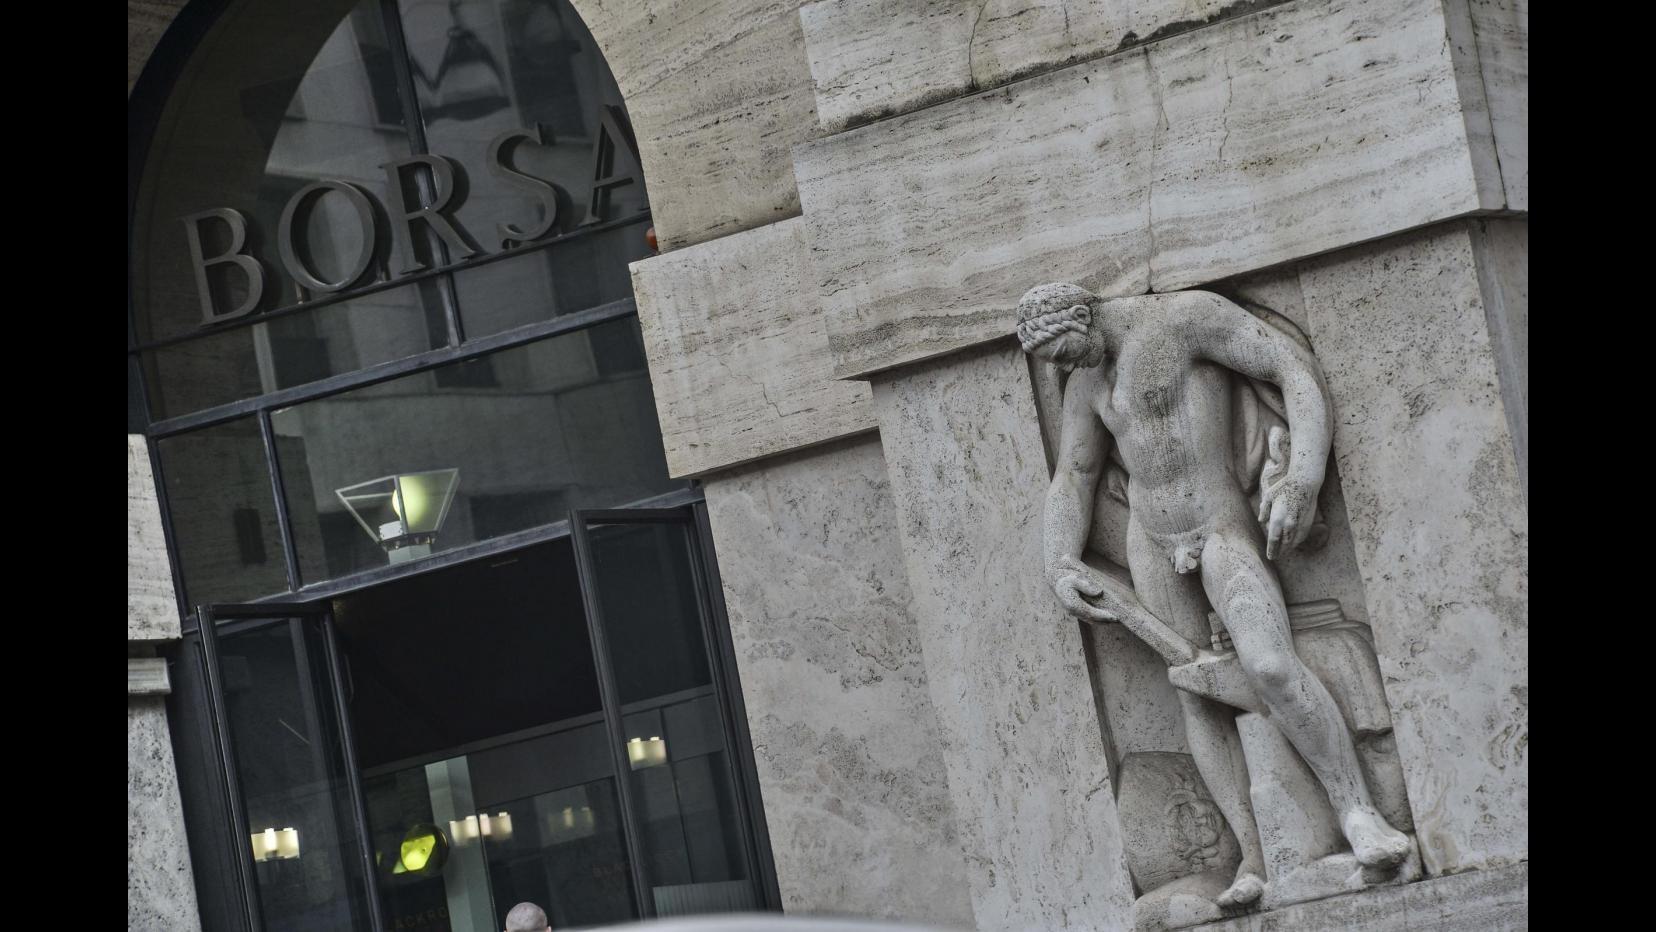 Borsa, apertura in lieve rialzo per Piazza Affari: Mib +0.17%